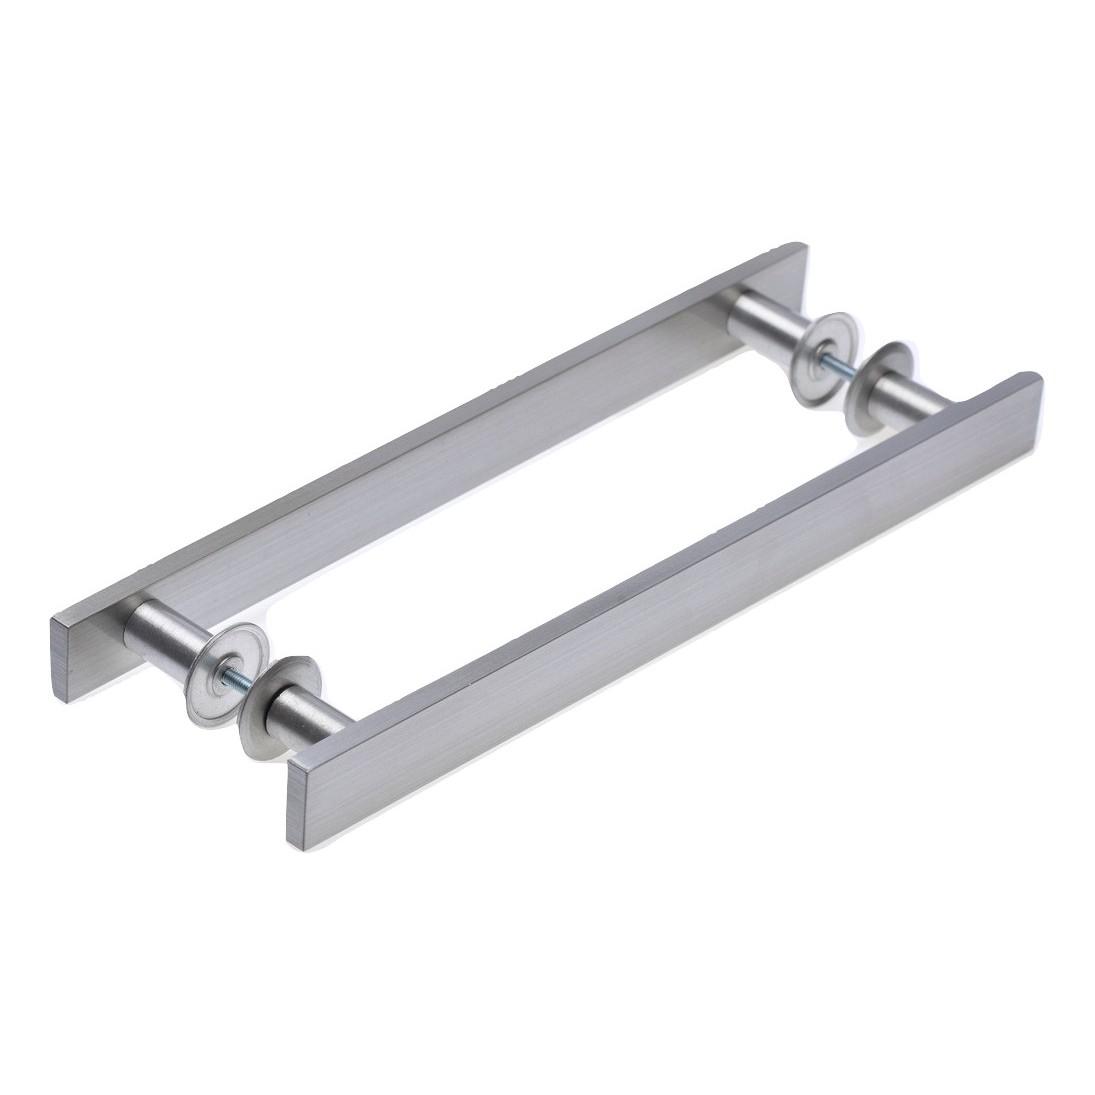 Puxador de Aluminio Escovado 400 mm - Paris Hastvel